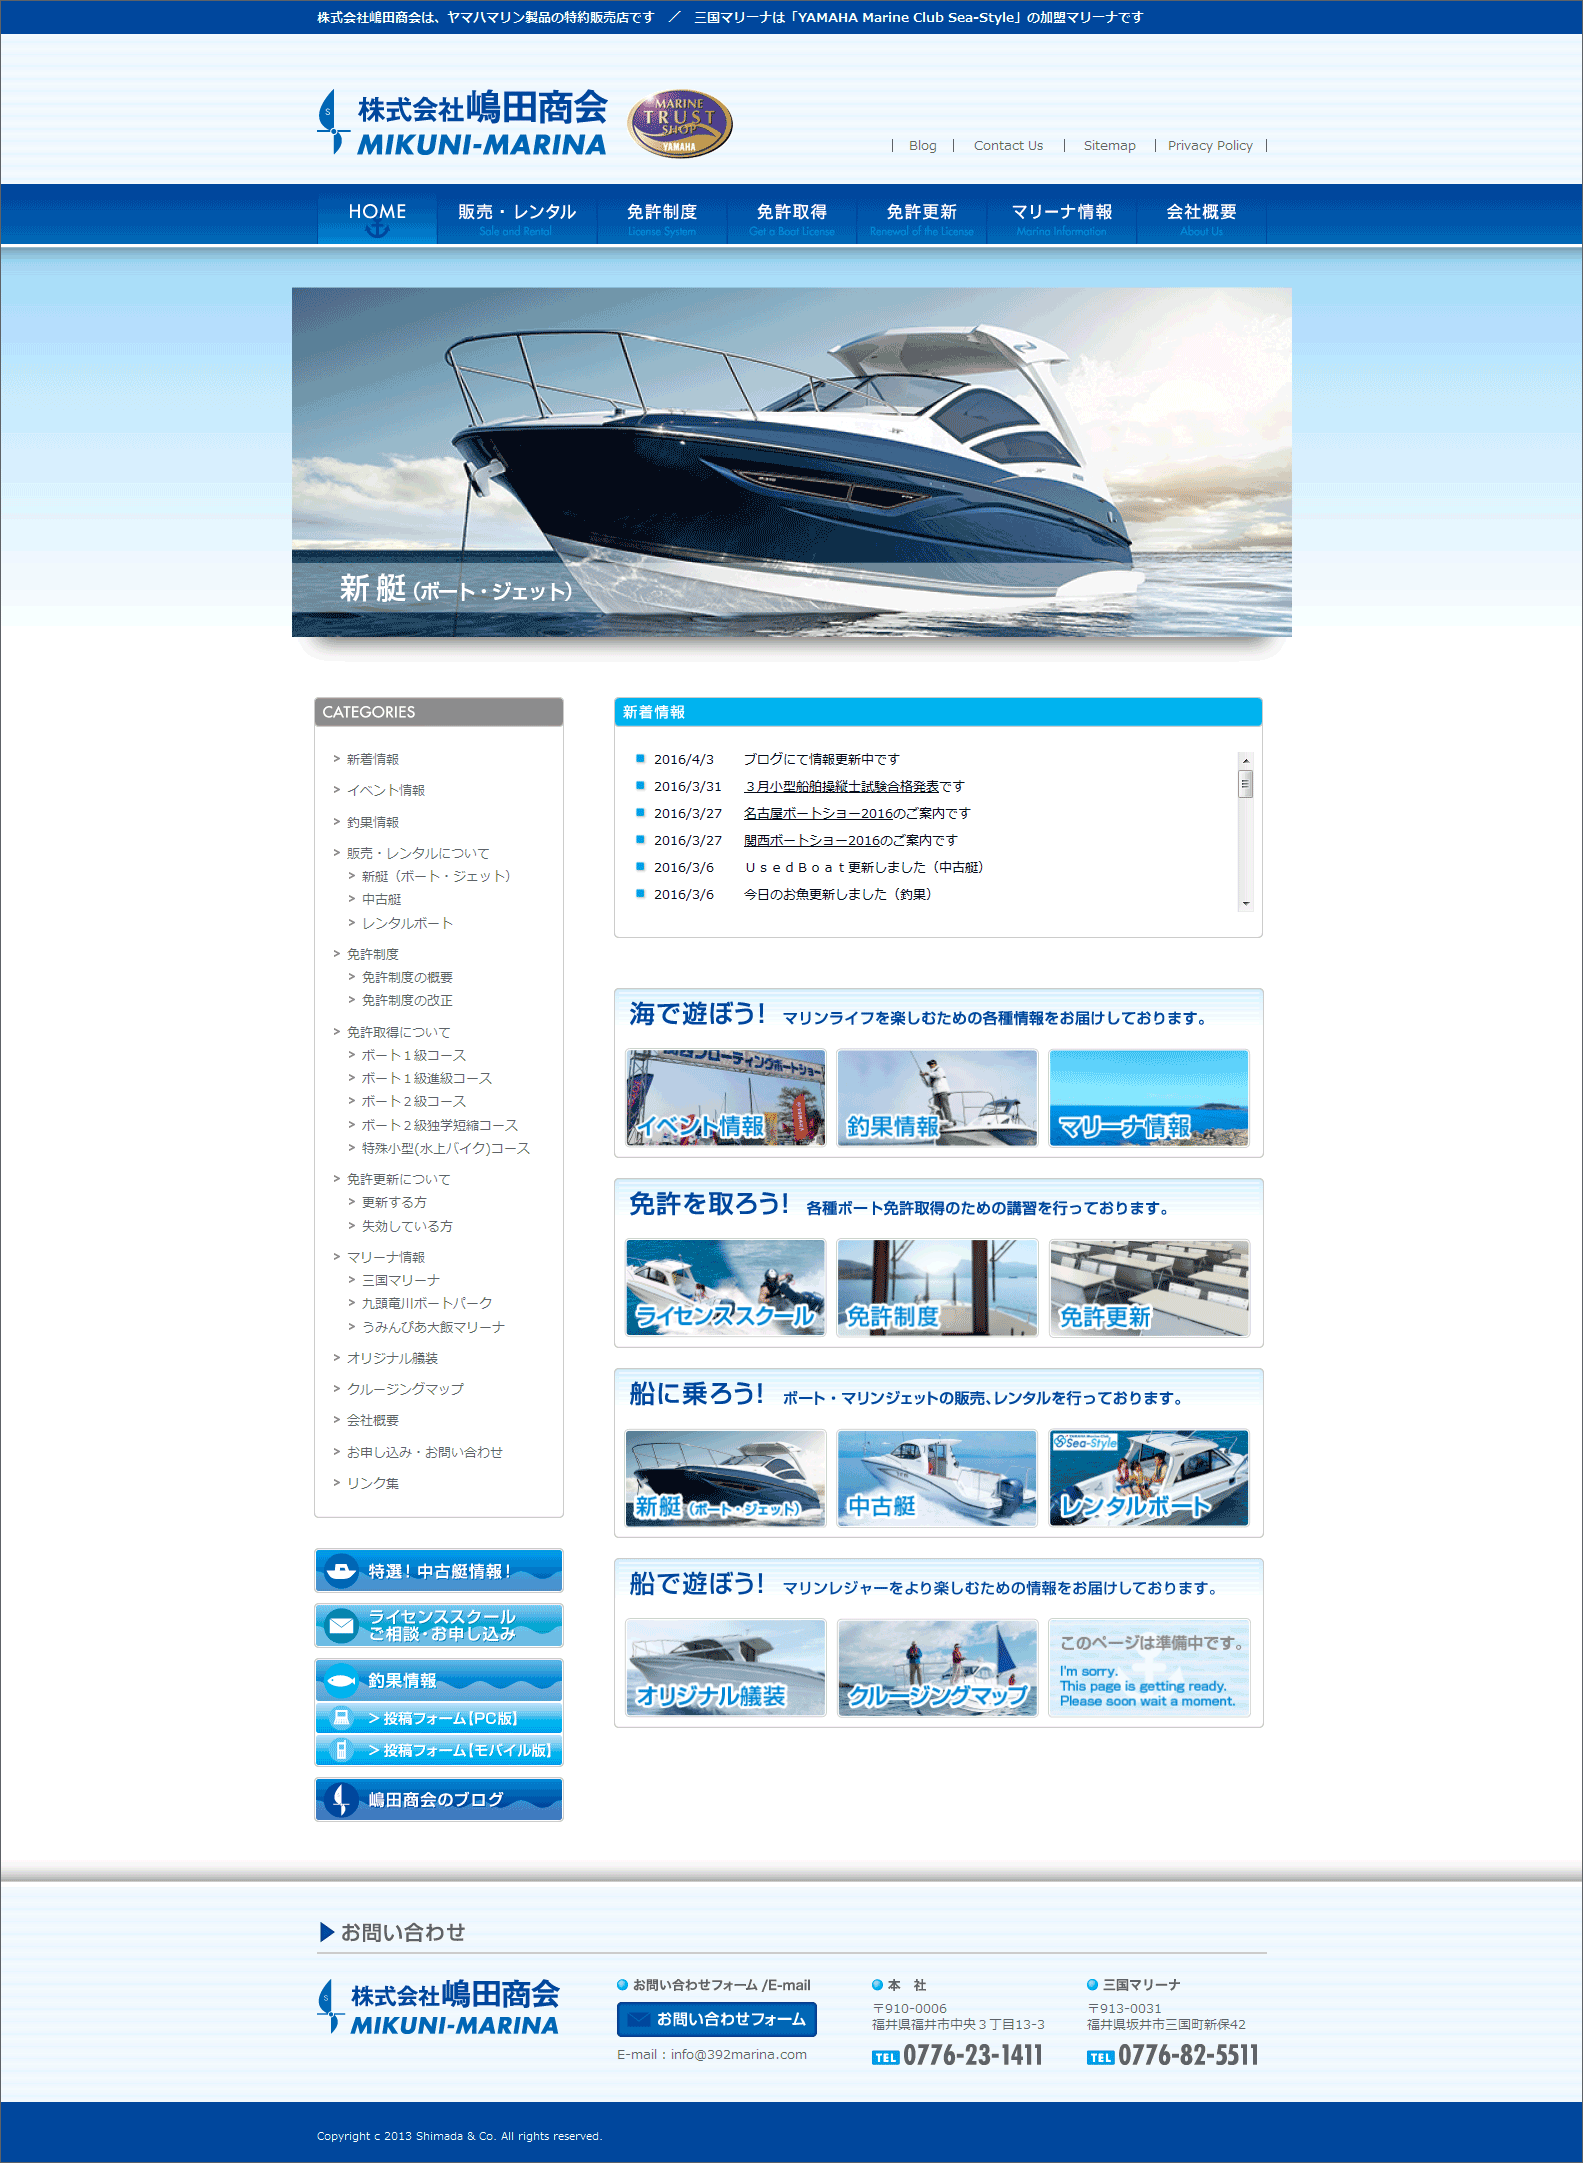 201604嶋田商会・三国マリーナウェブサイト